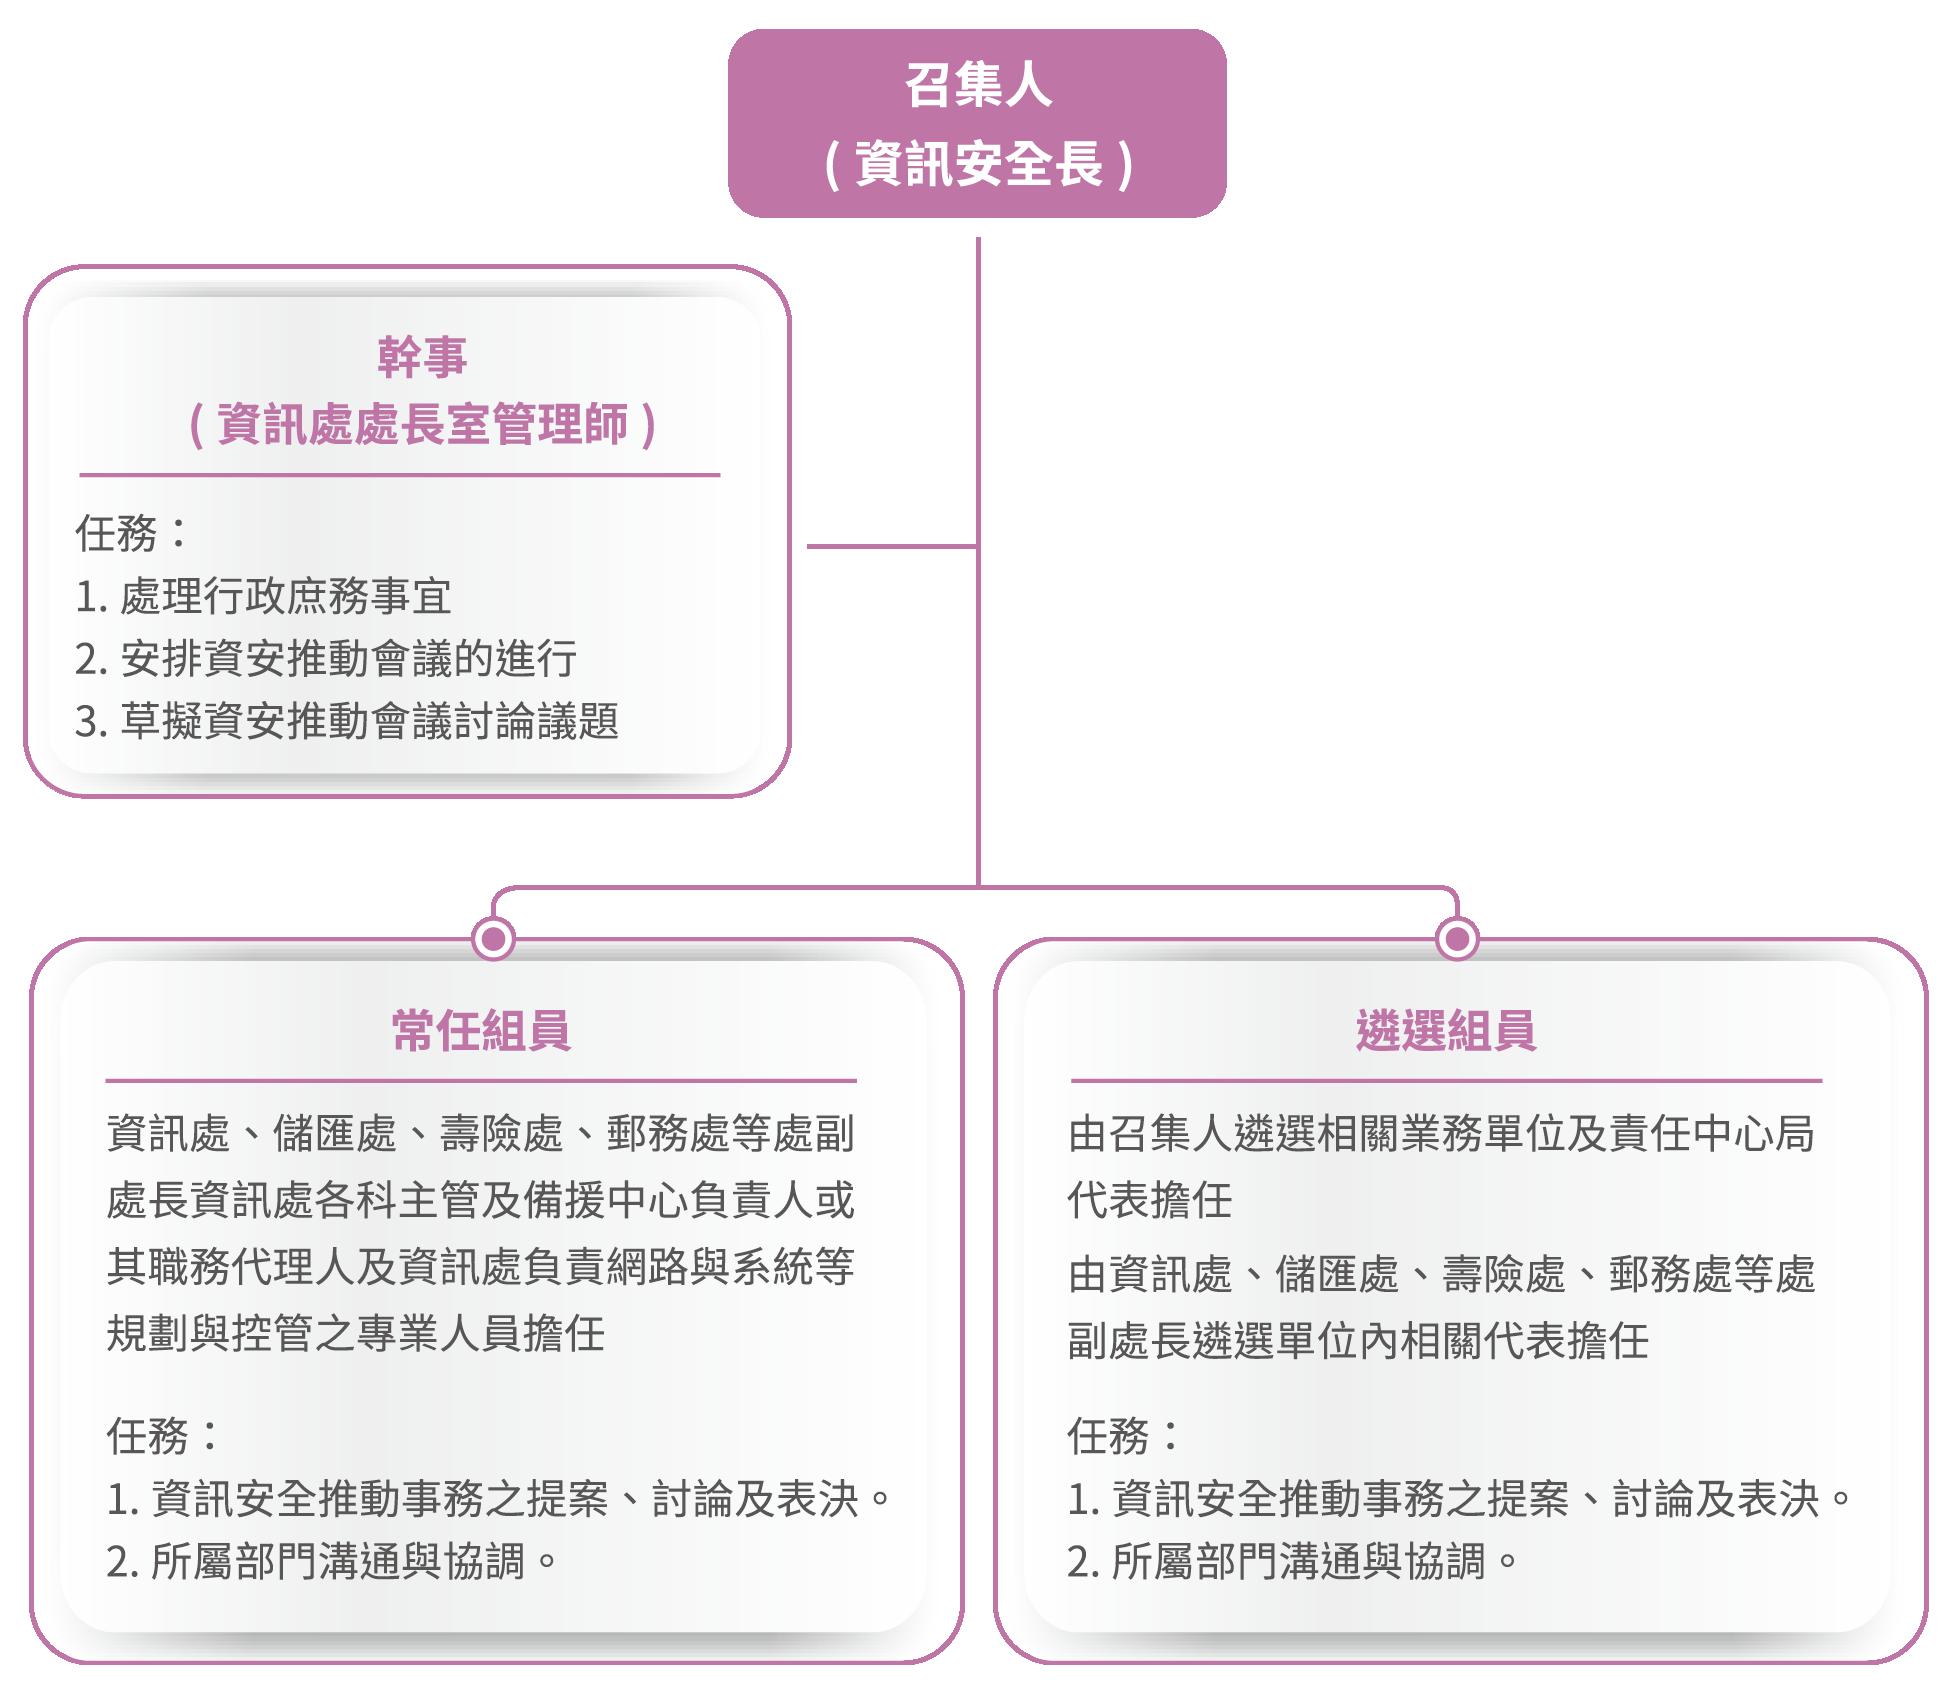 中華郵政資安推動小組組織架構